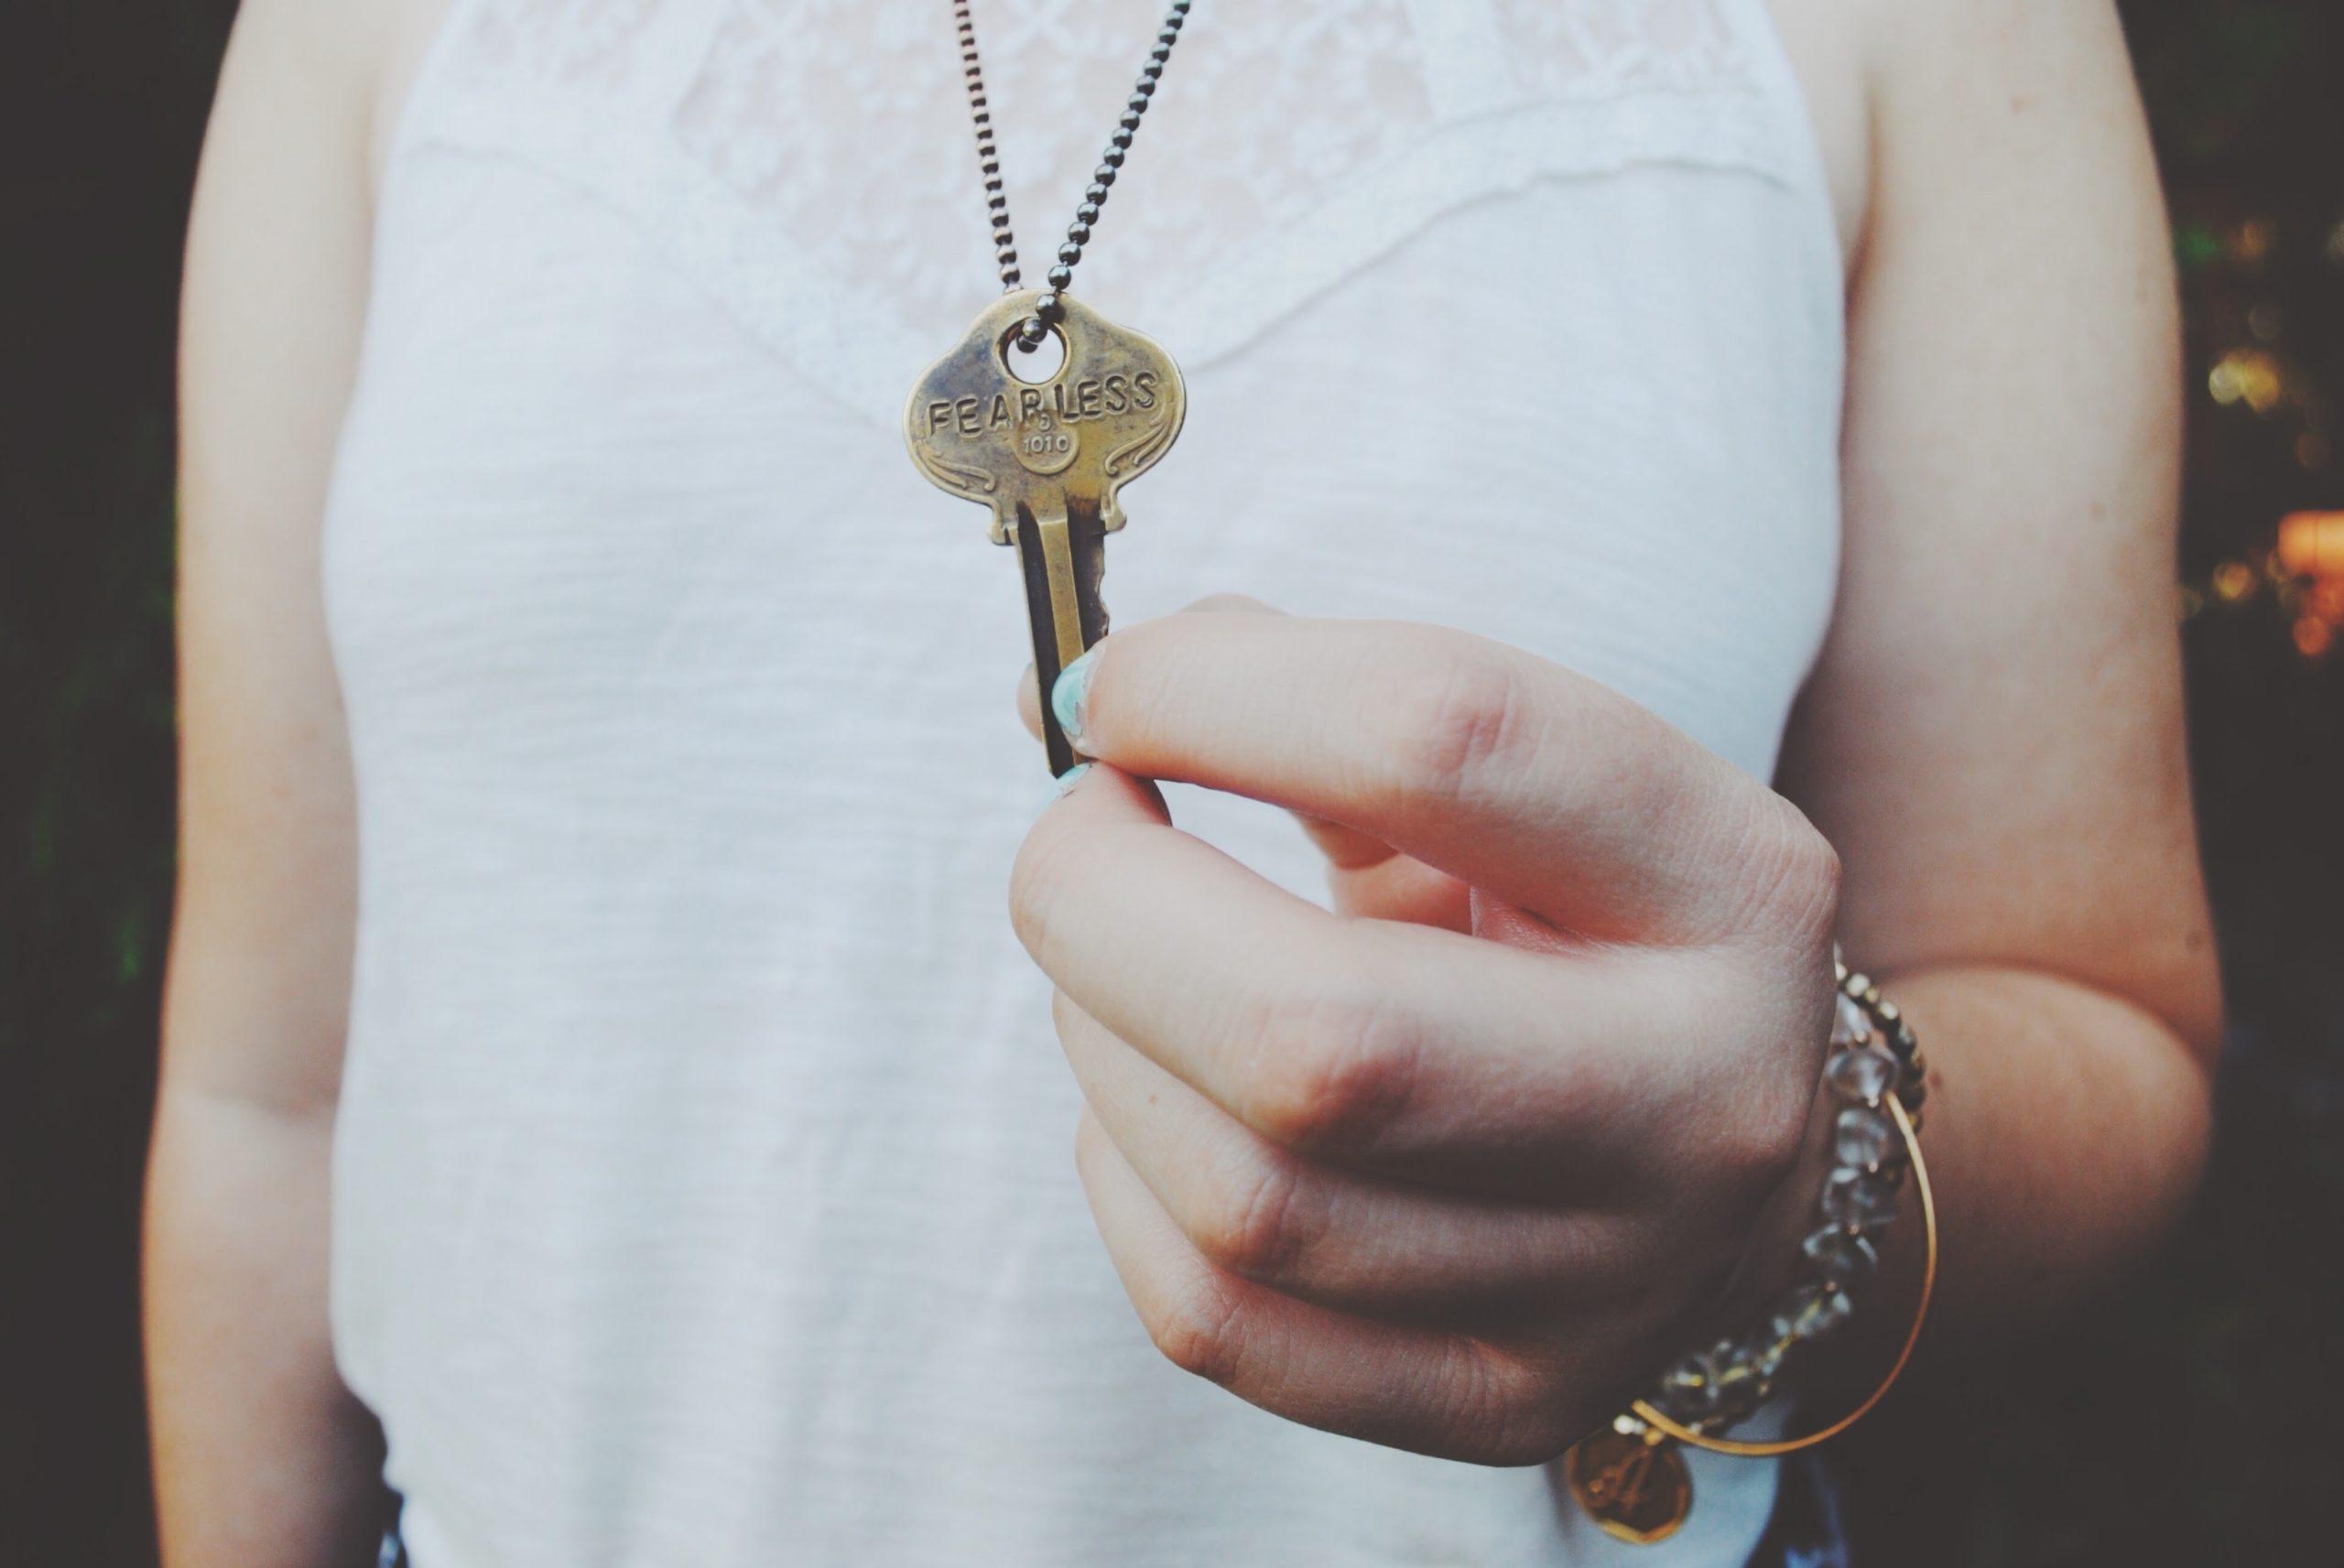 Les clés de la confiance